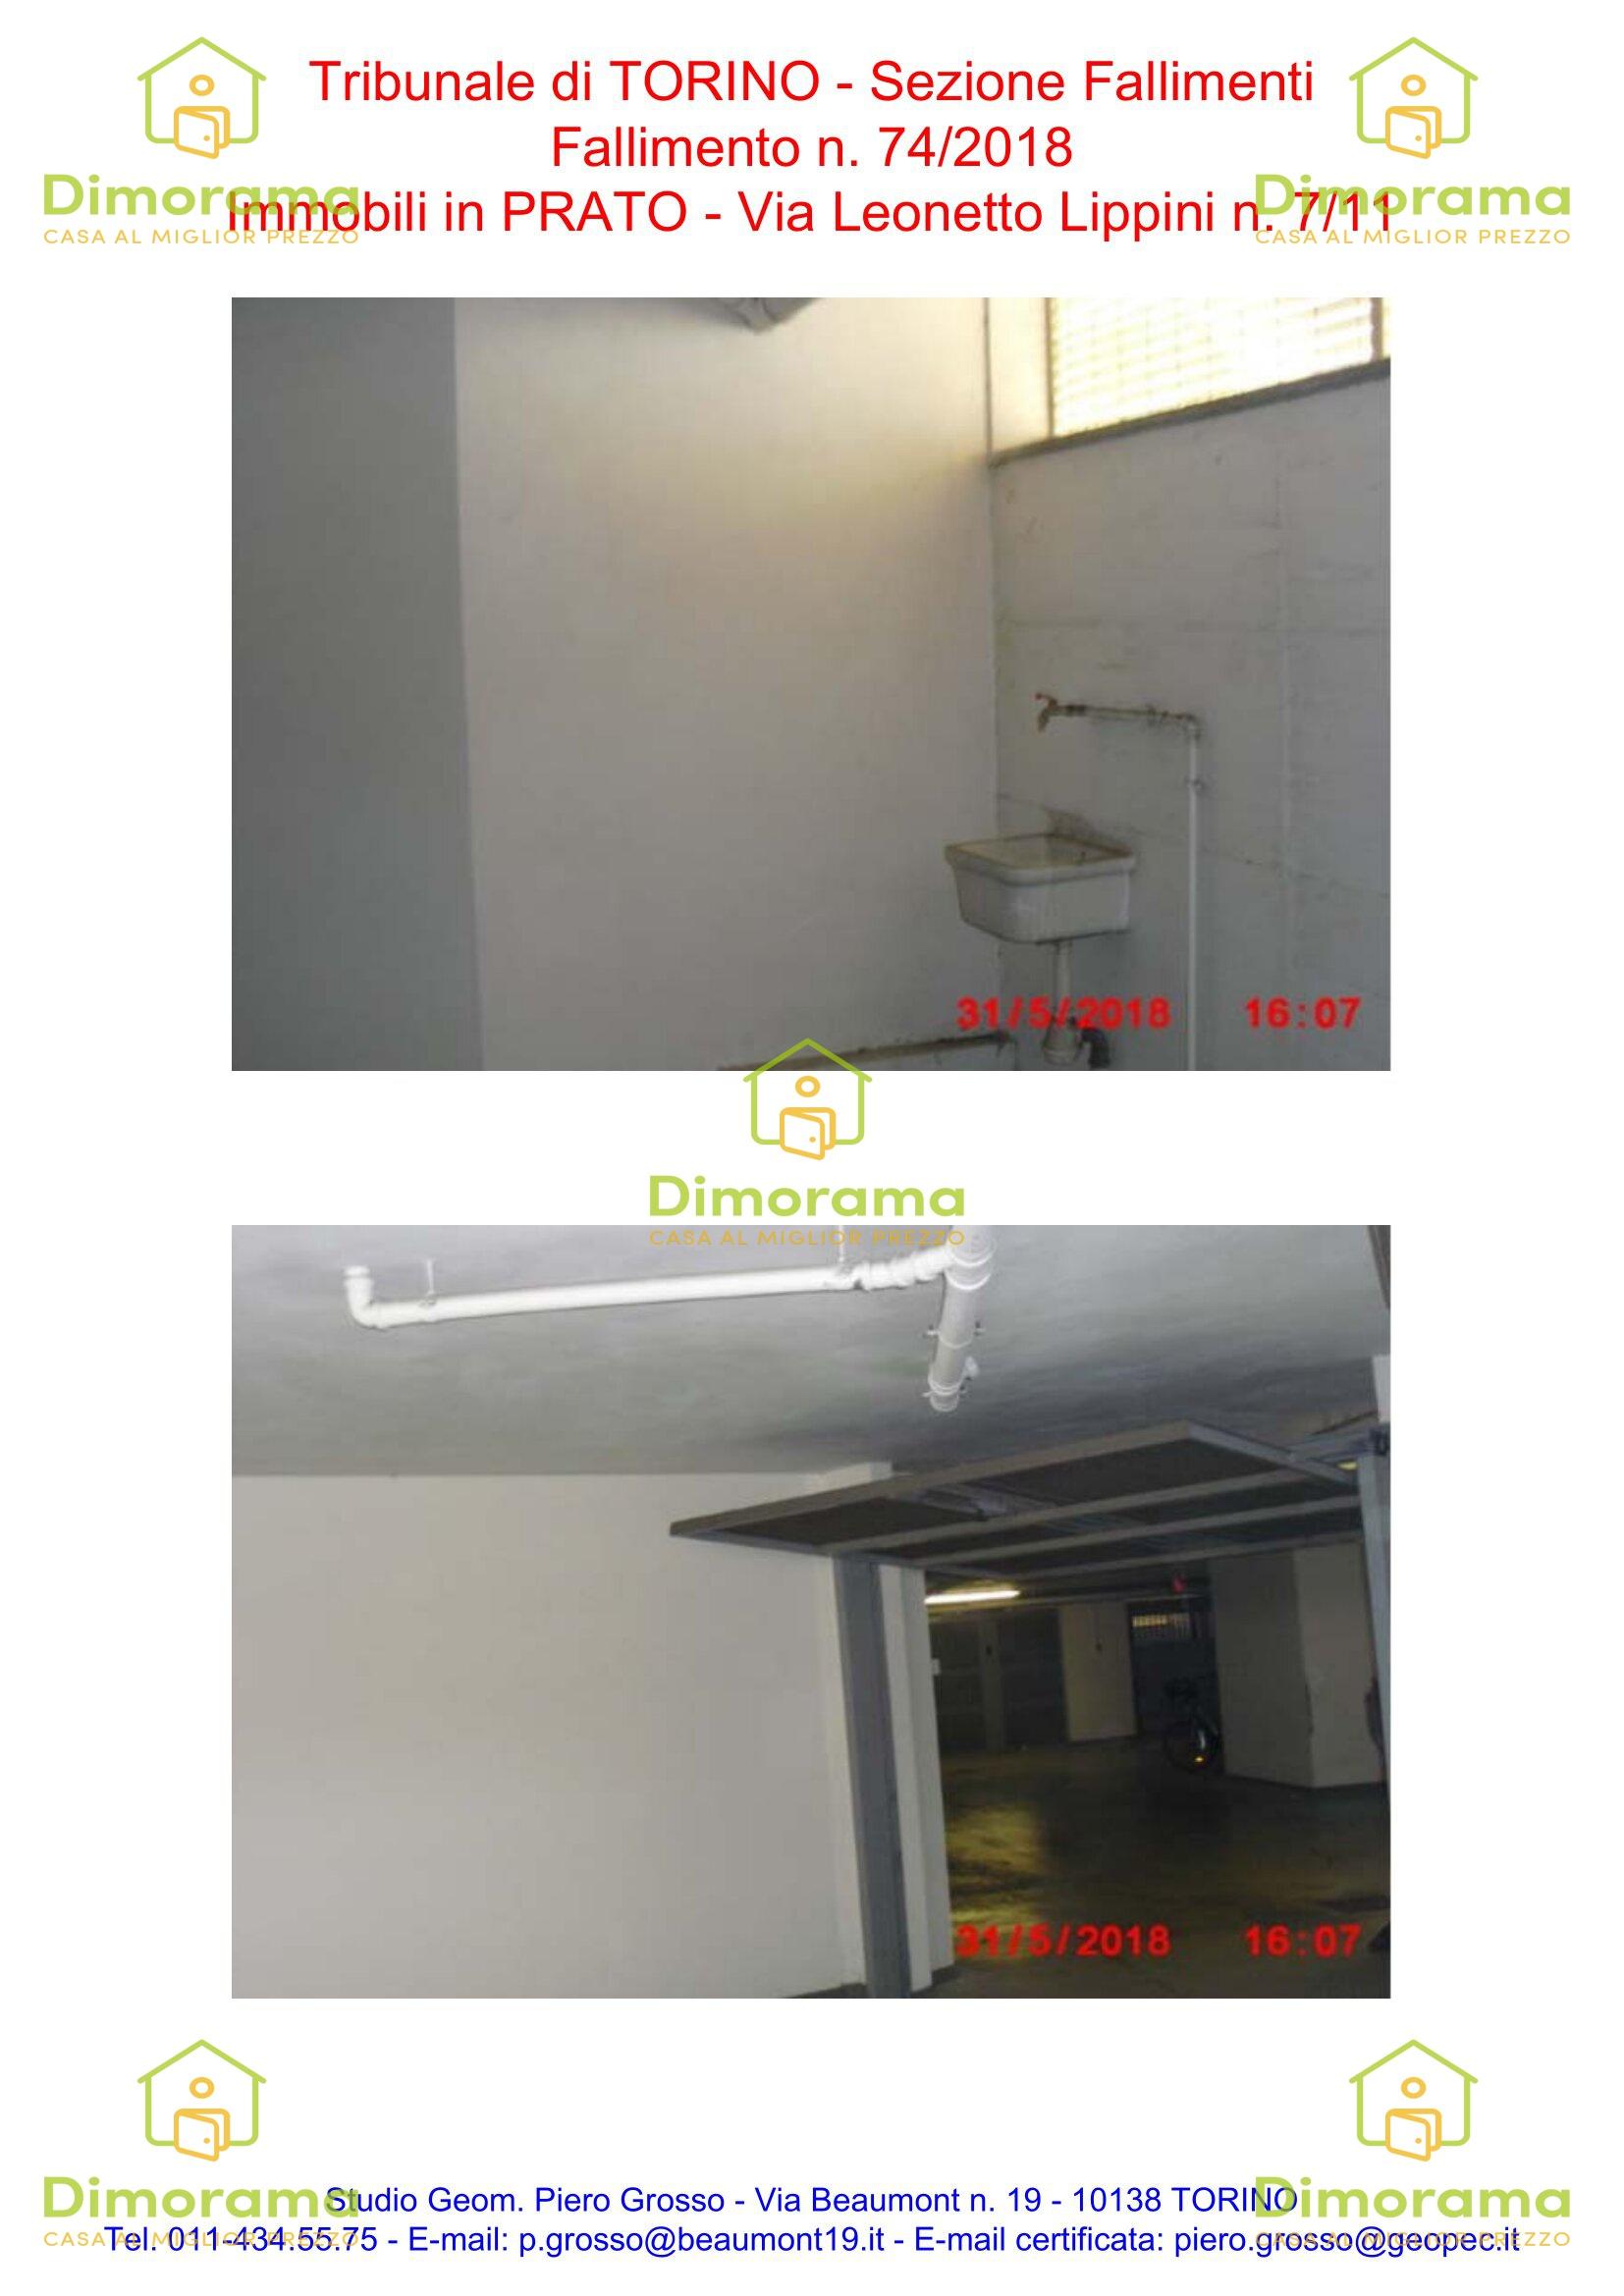 Appartamento, Via Leonetto Lippini n. 7/11, Vendita - Prato (Prato)